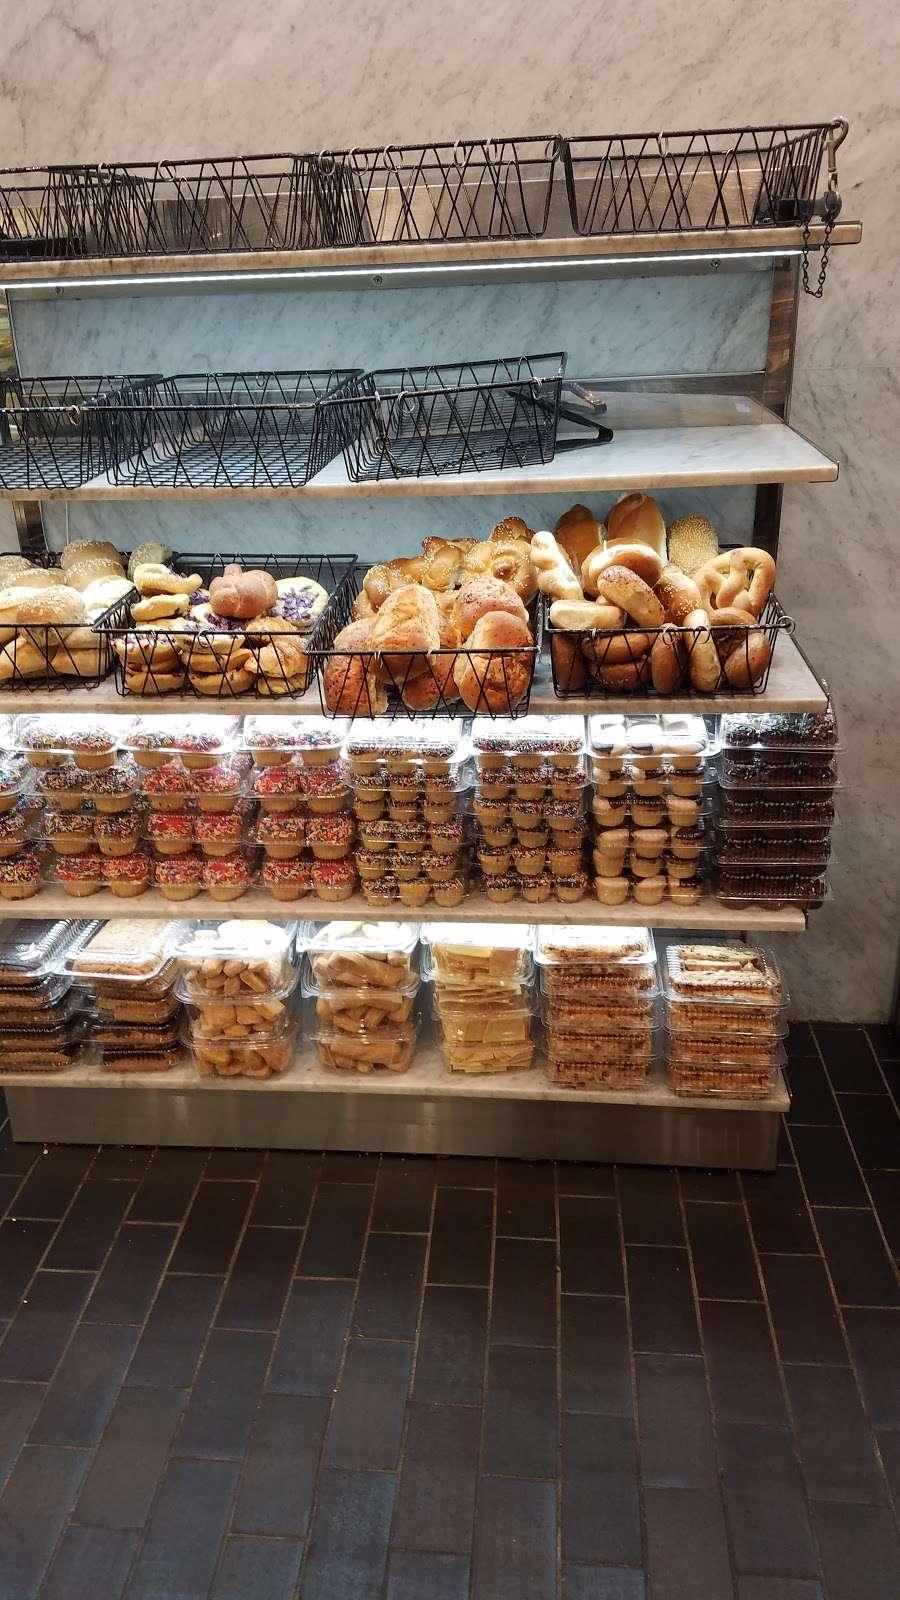 Shloimys Bake Shoppe - bakery  | Photo 9 of 10 | Address: 4712 16th Ave, Brooklyn, NY 11204, USA | Phone: (718) 854-1766